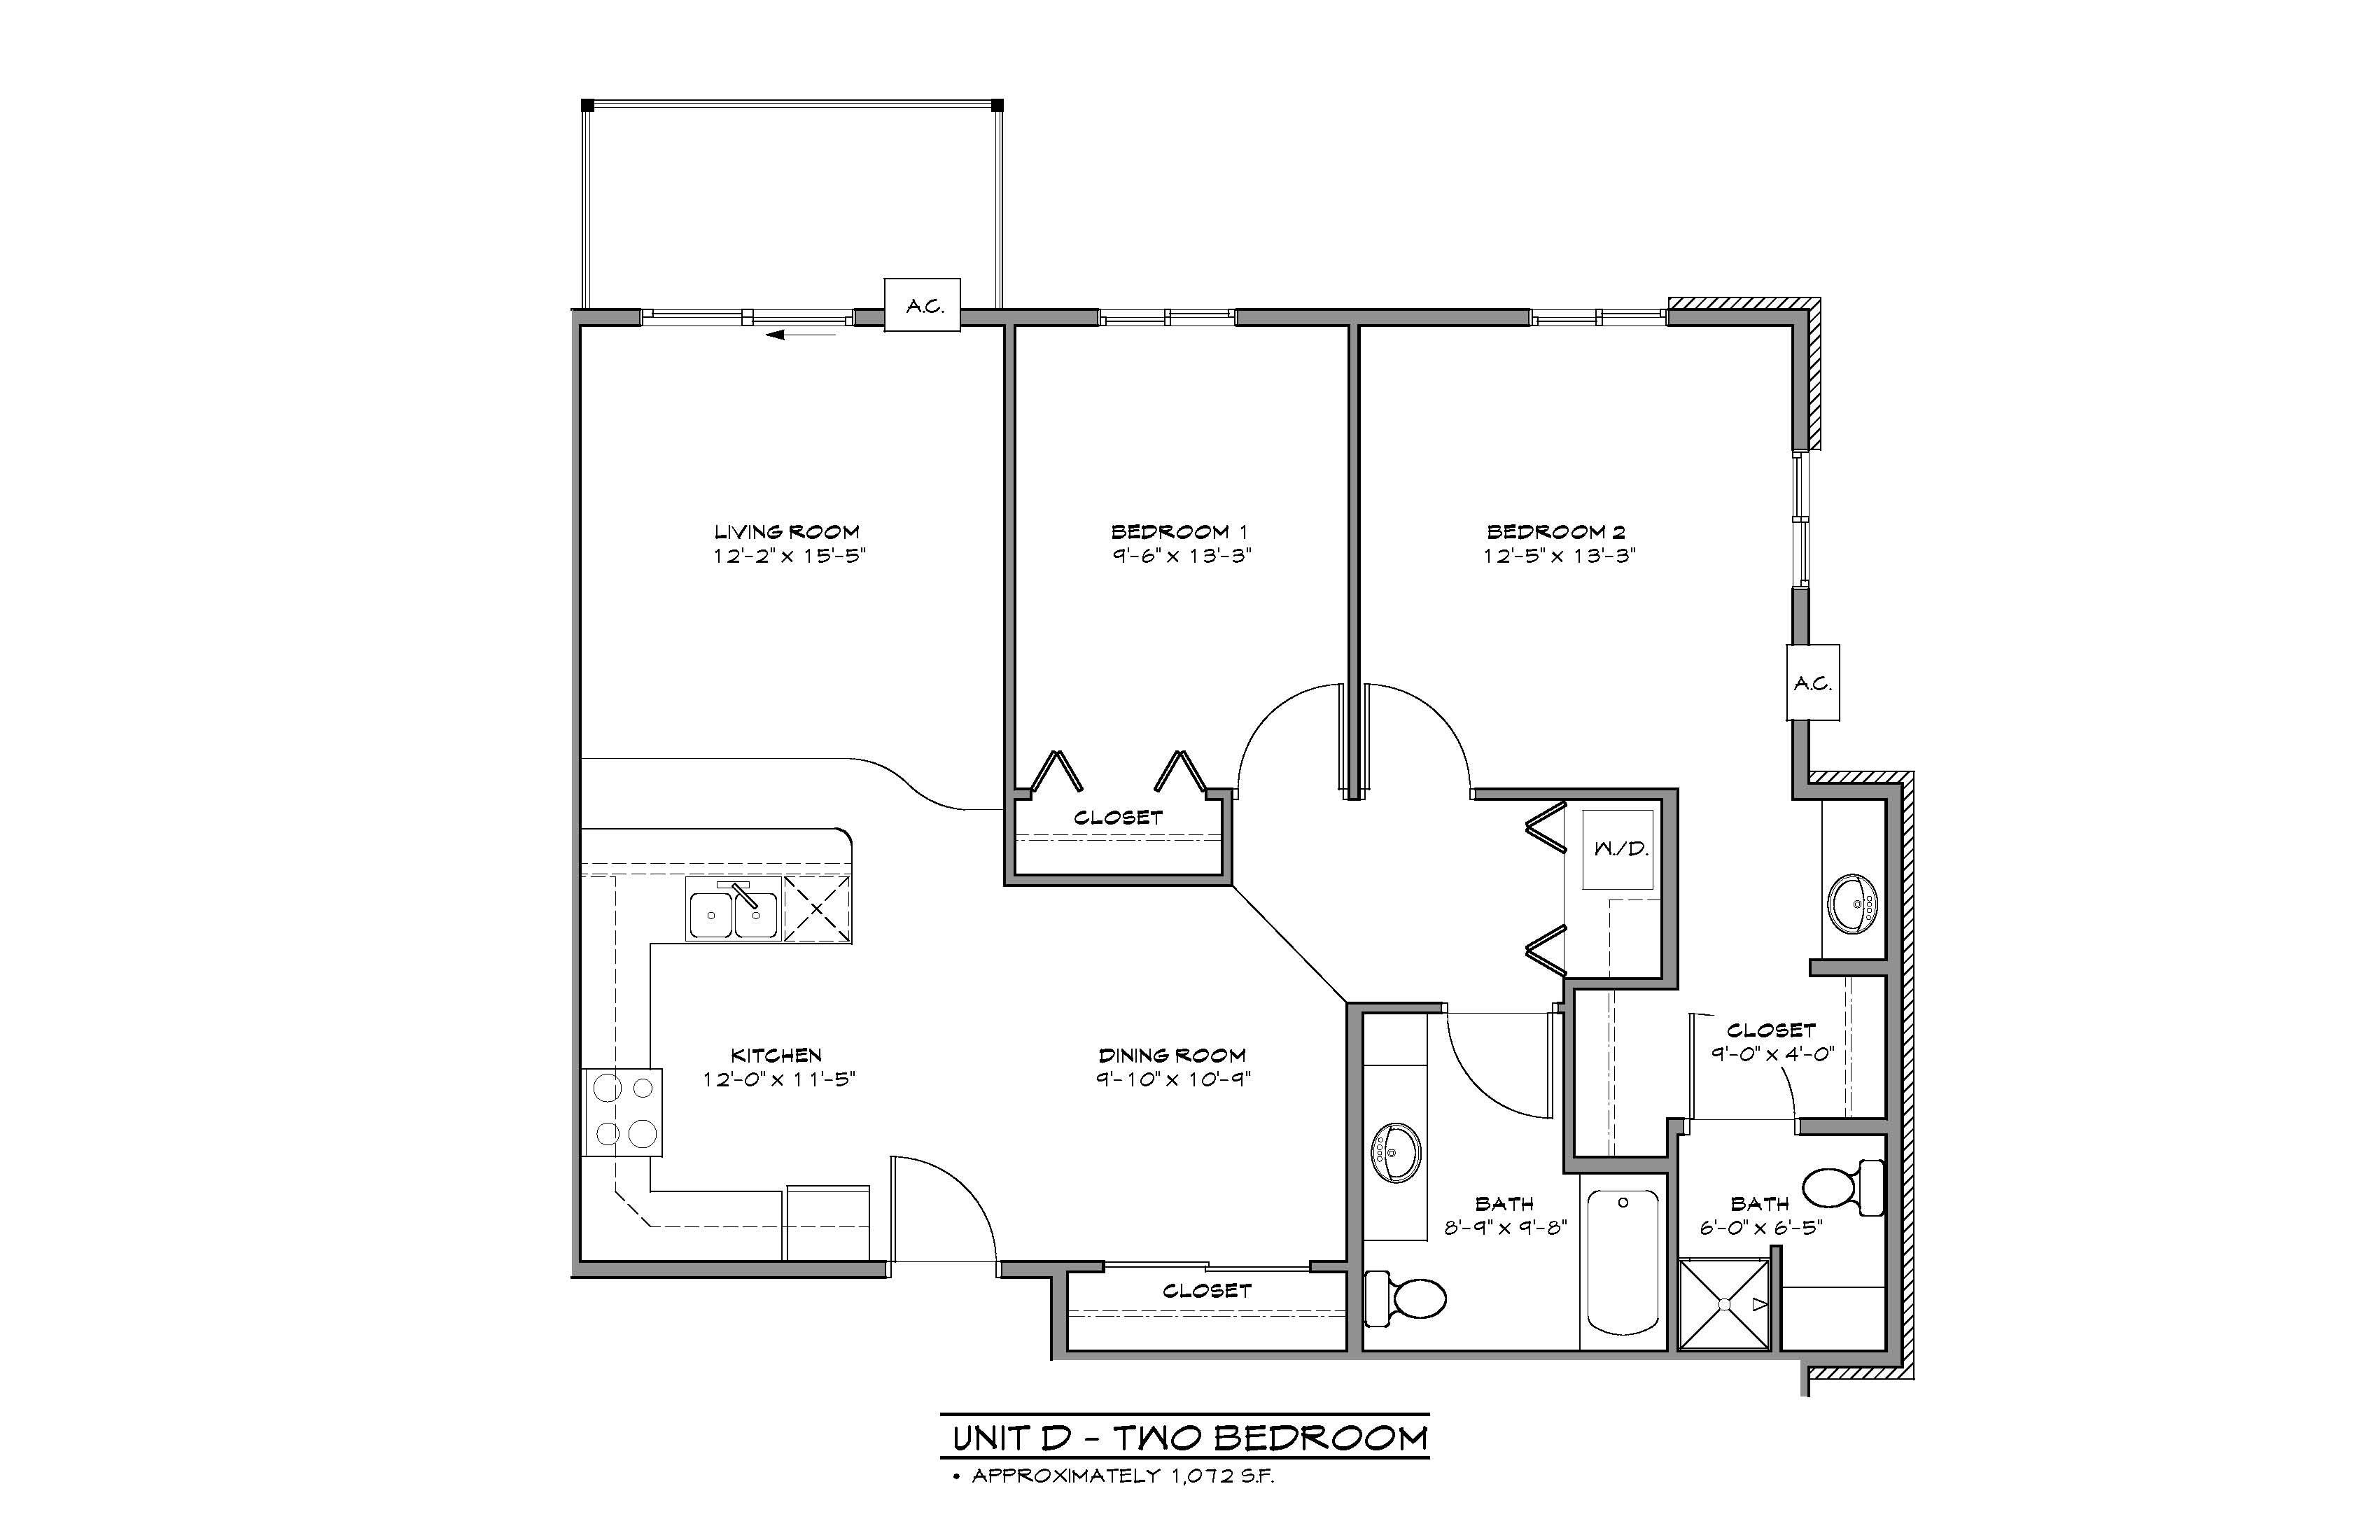 Apartment Floorplan Diagram